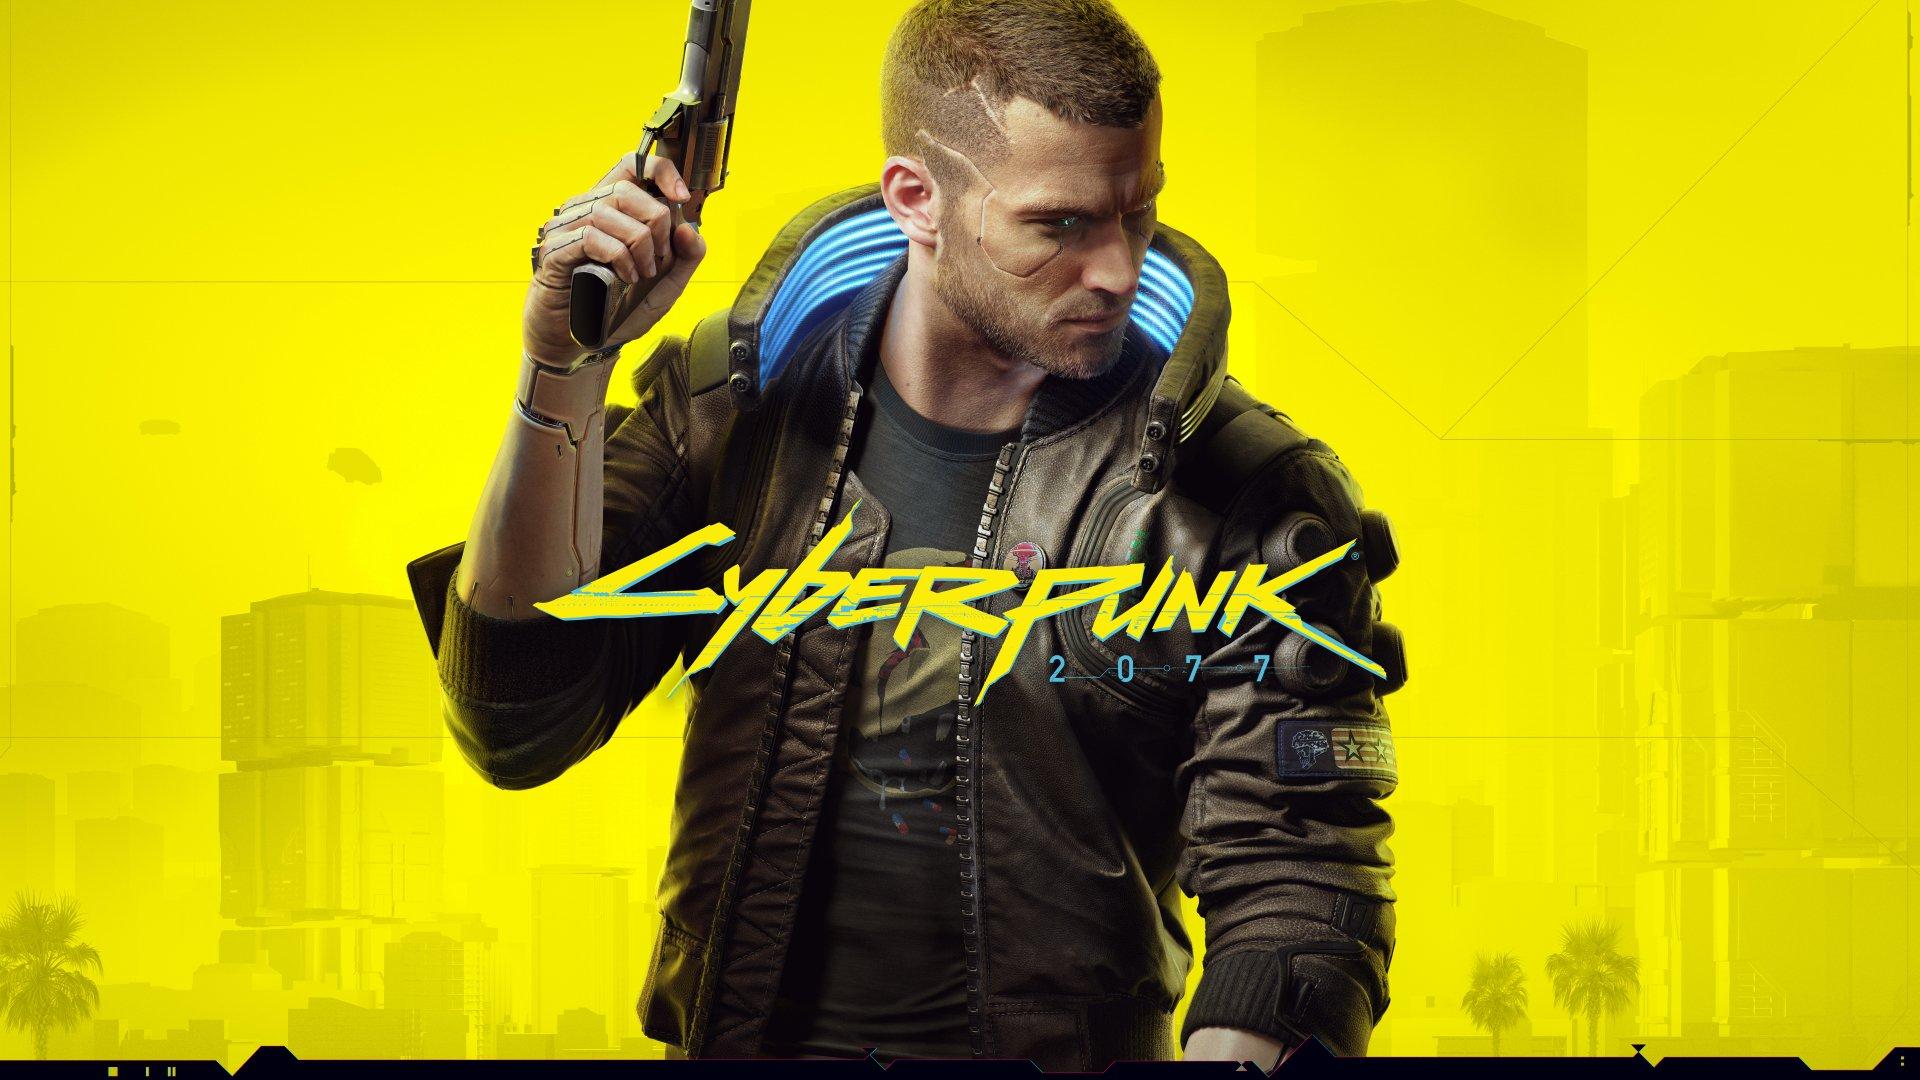 ดำดิ่งสู่โลกของเกม Cyberpunk 2077 ในคลิปวิดีโอใหม่ อวดยานพาหนะ สไตล์สุดจี๊ด และอื่นๆ อีกเพียบ!